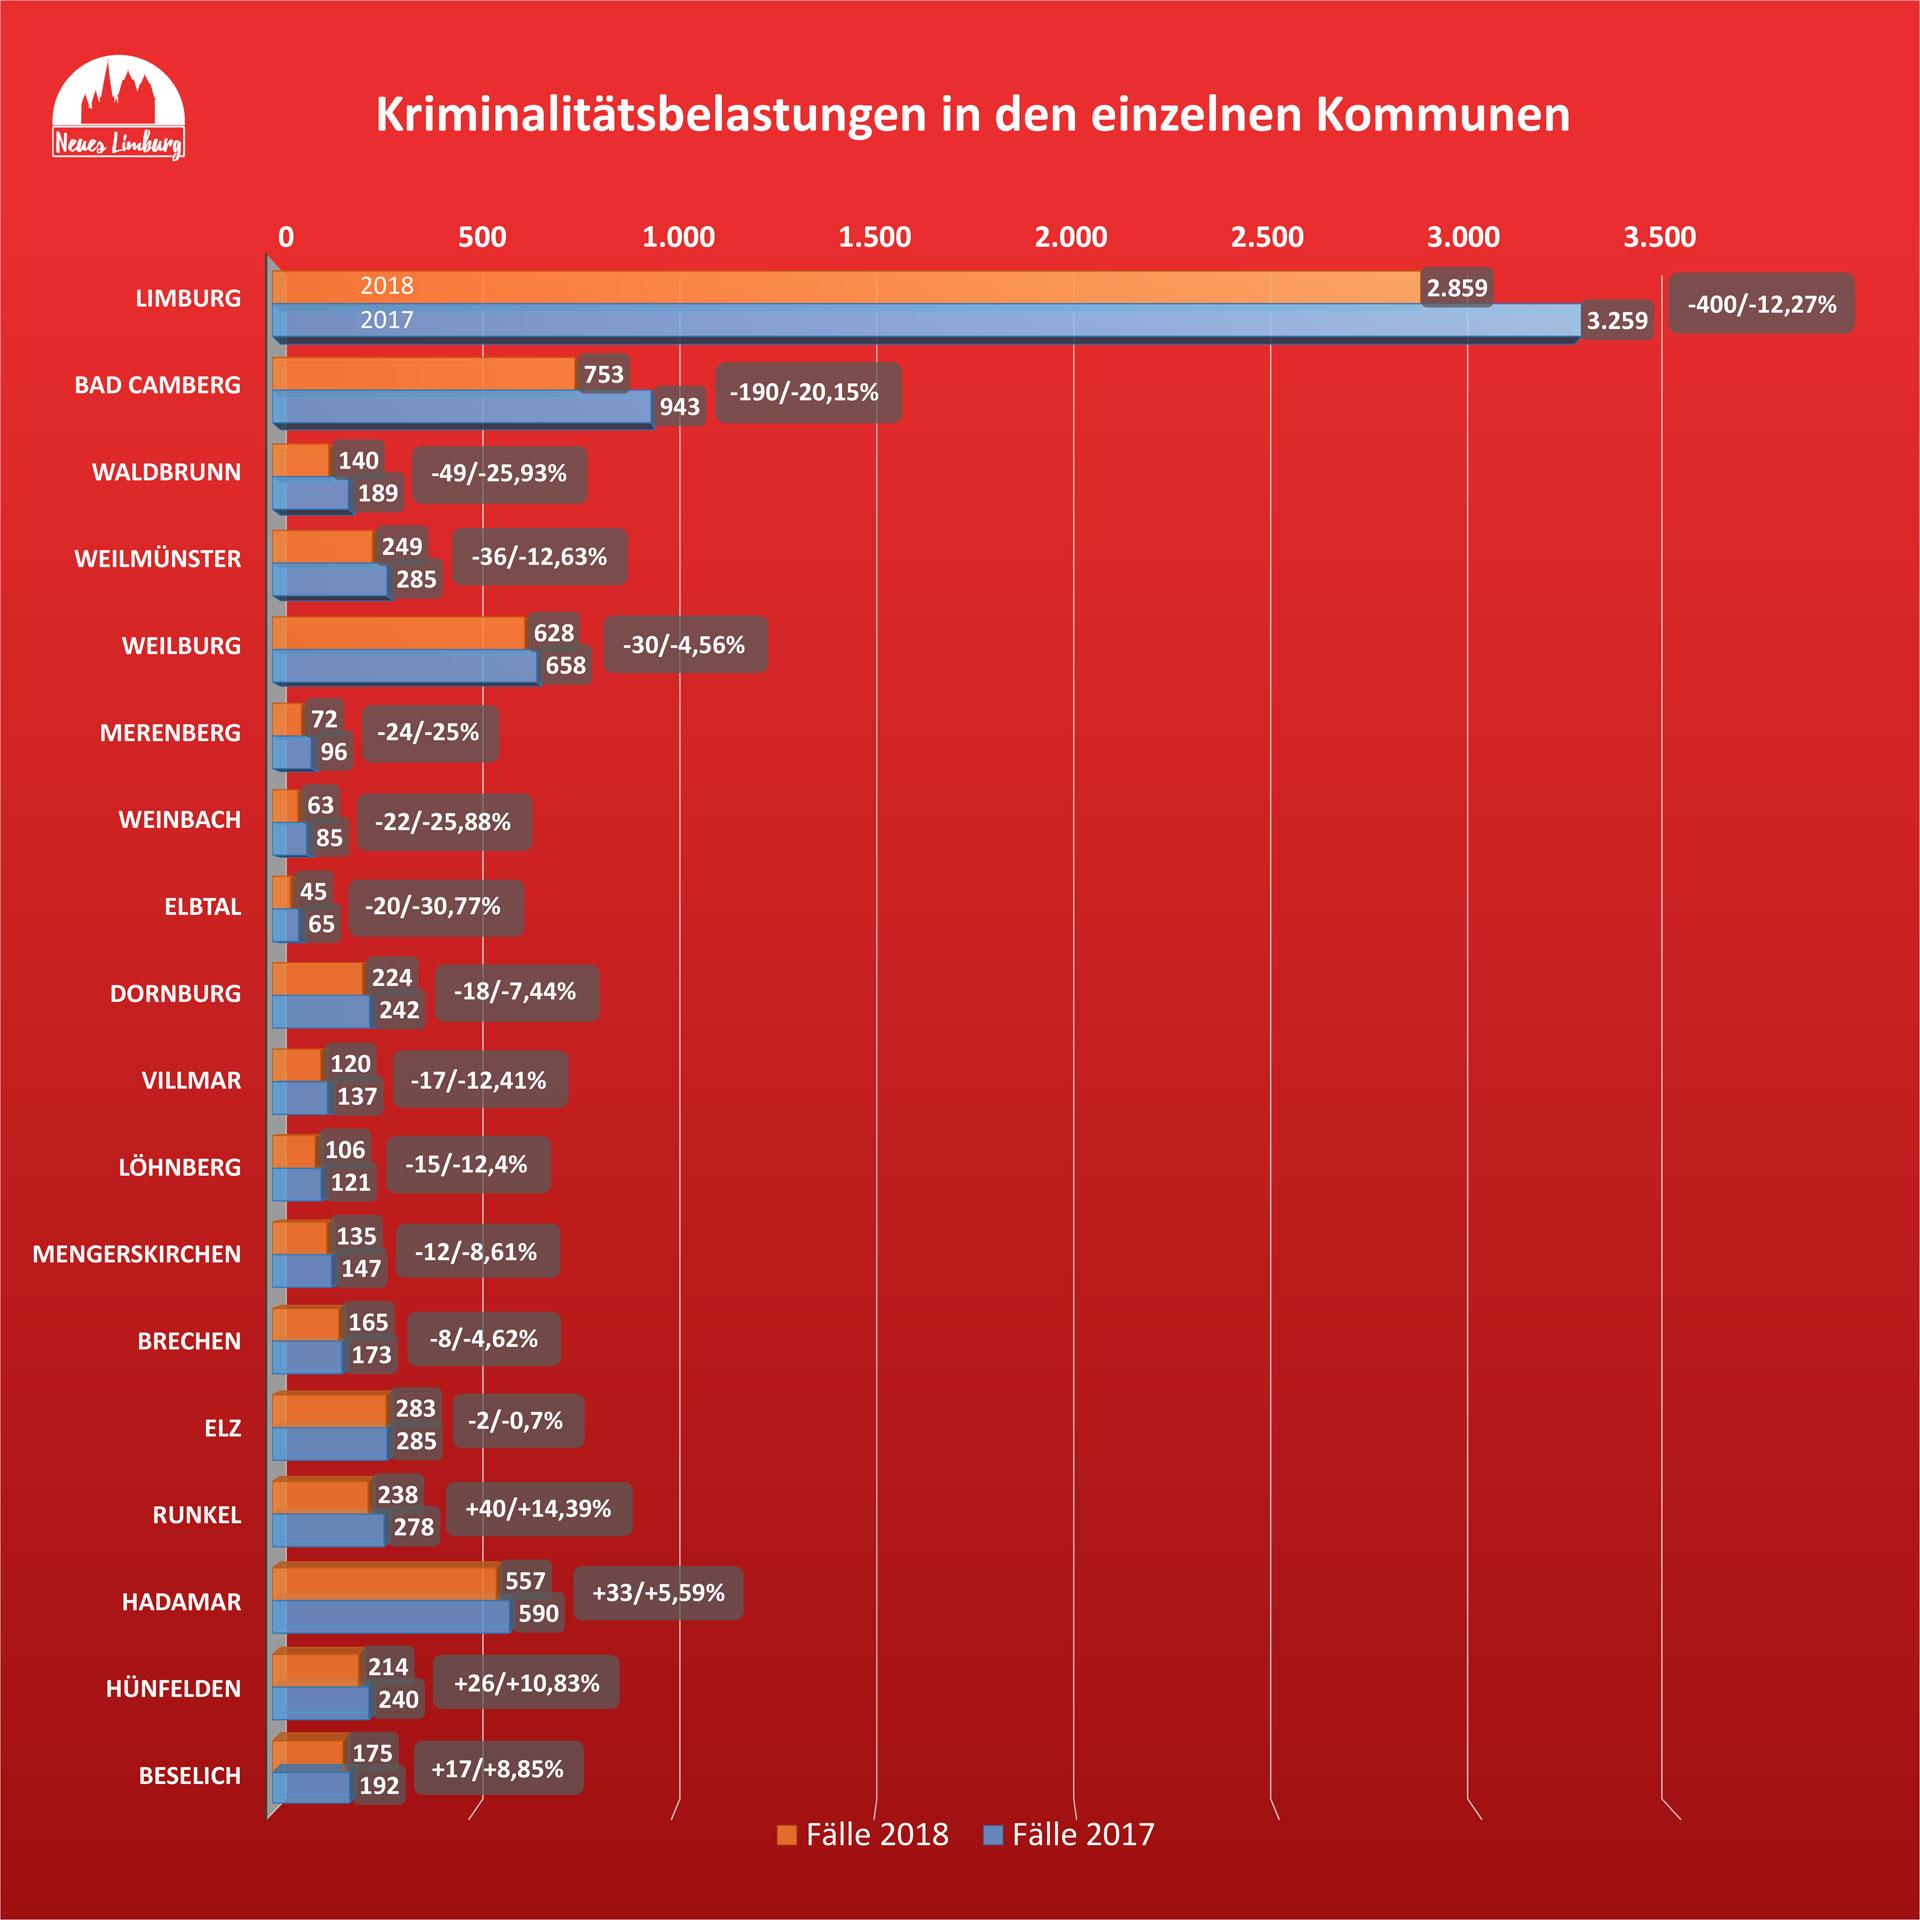 Kriminalitätsbelastungen in den einzelnen Kommunen. © Neues Limburg